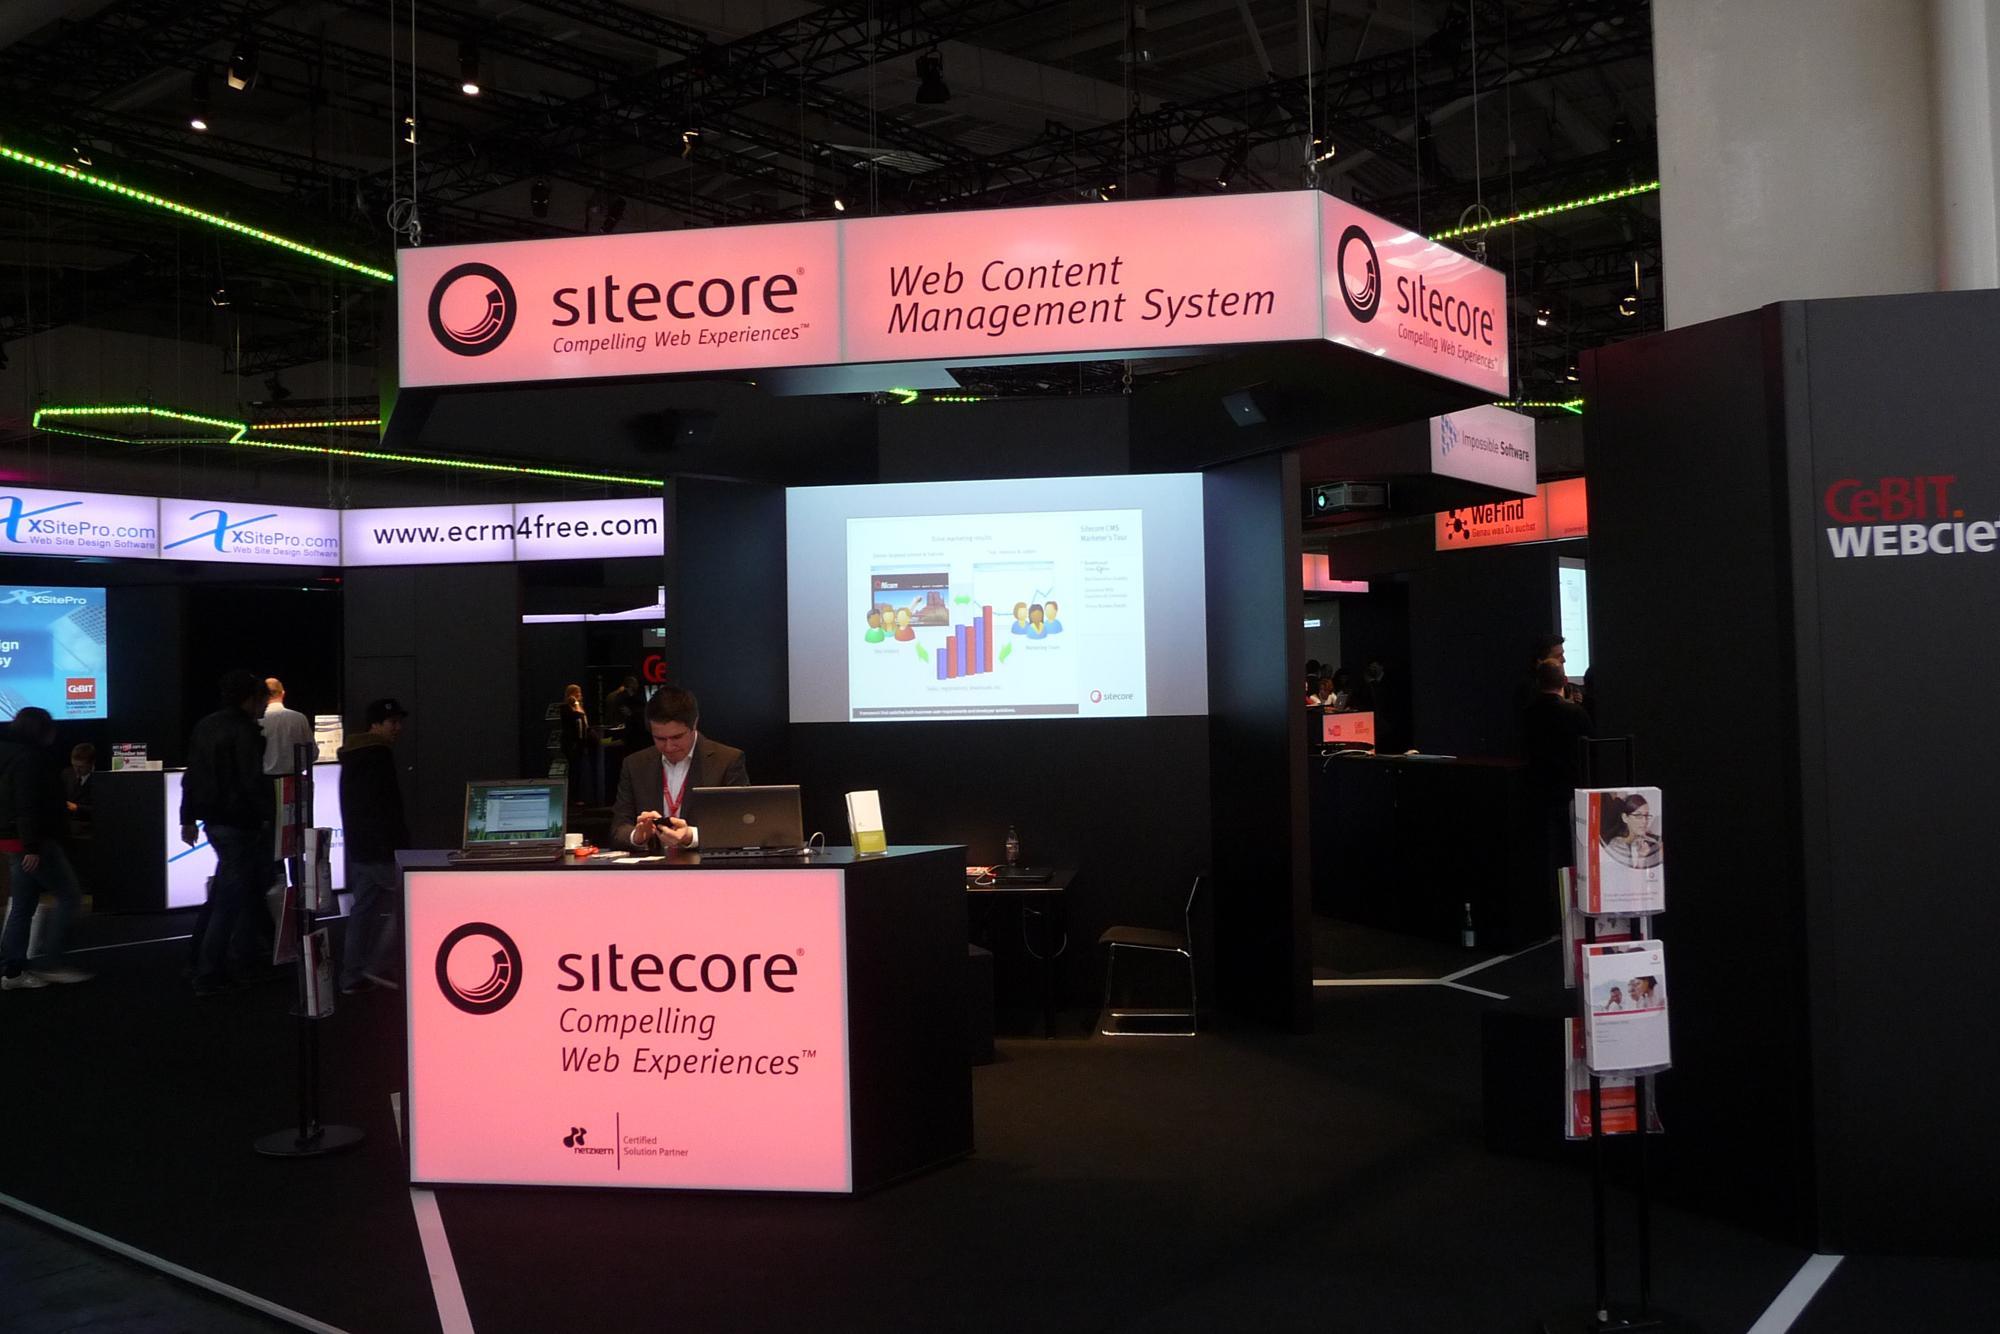 Erster Messeauftritt von Sitecore gemeinsam mit netzkern auf der CeBIT